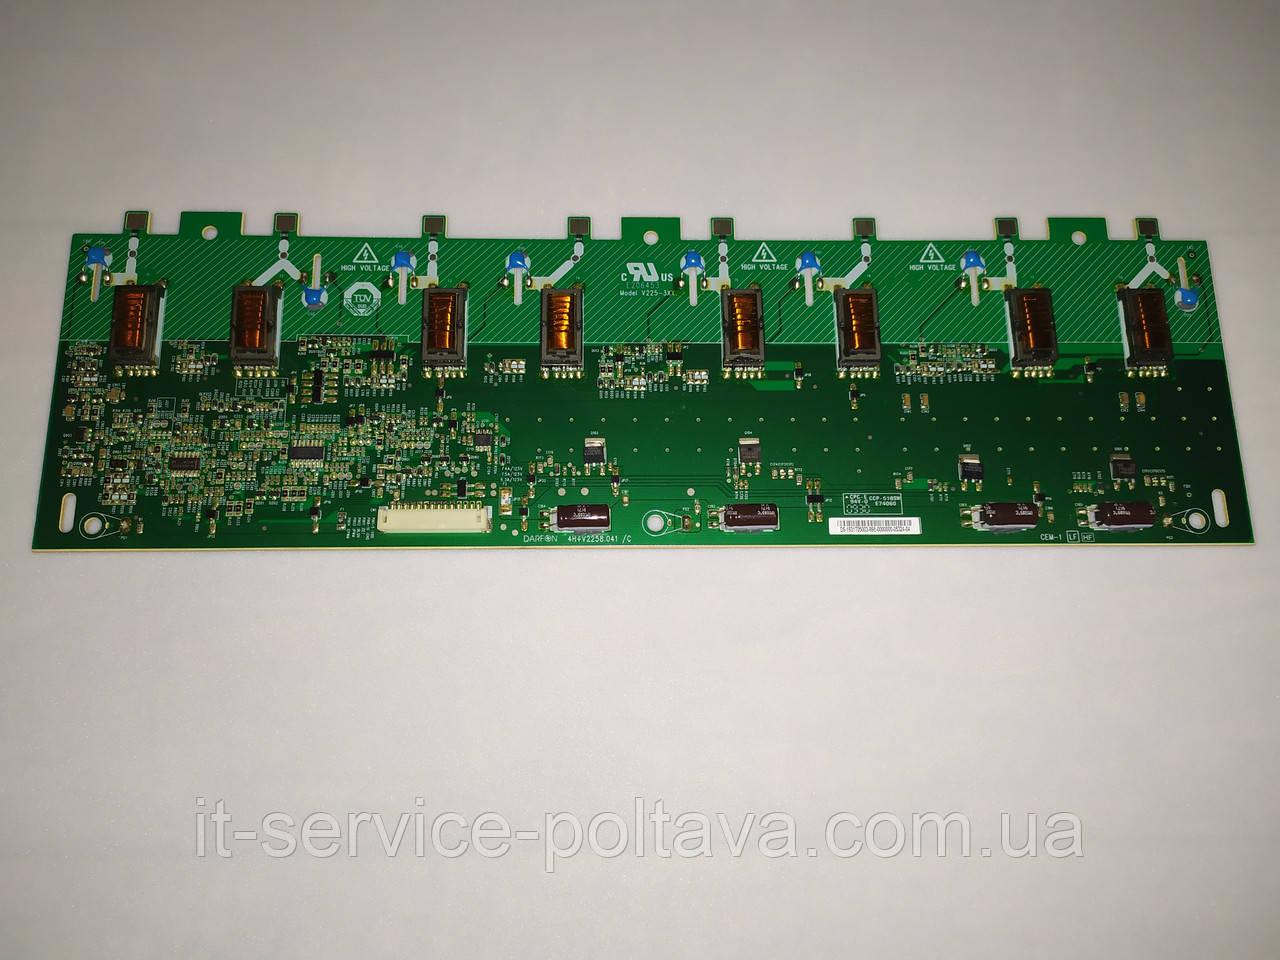 Інвертор (INVERTER BOARD) V225-3XX, E206453 для телевізора ORION